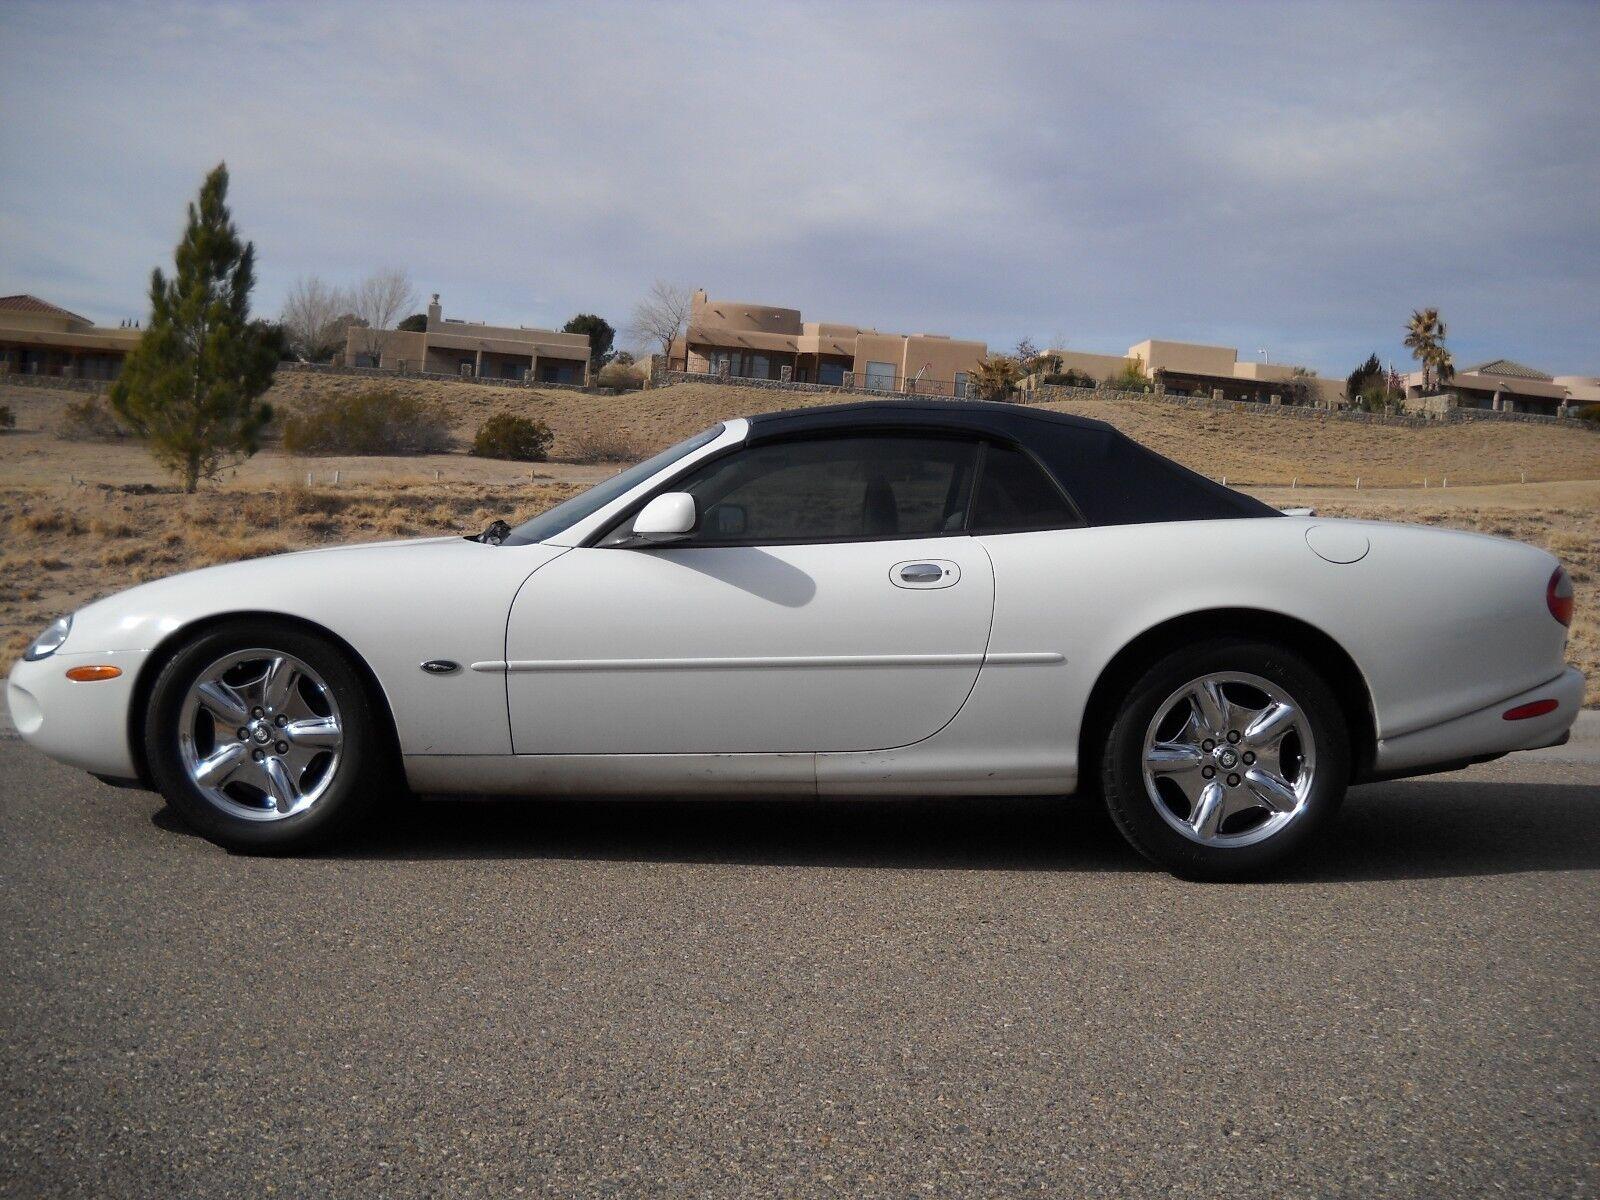 1999 Jaguar X-Type white/Blue 1999 Jaguar XK8 Convertible Mechanics special